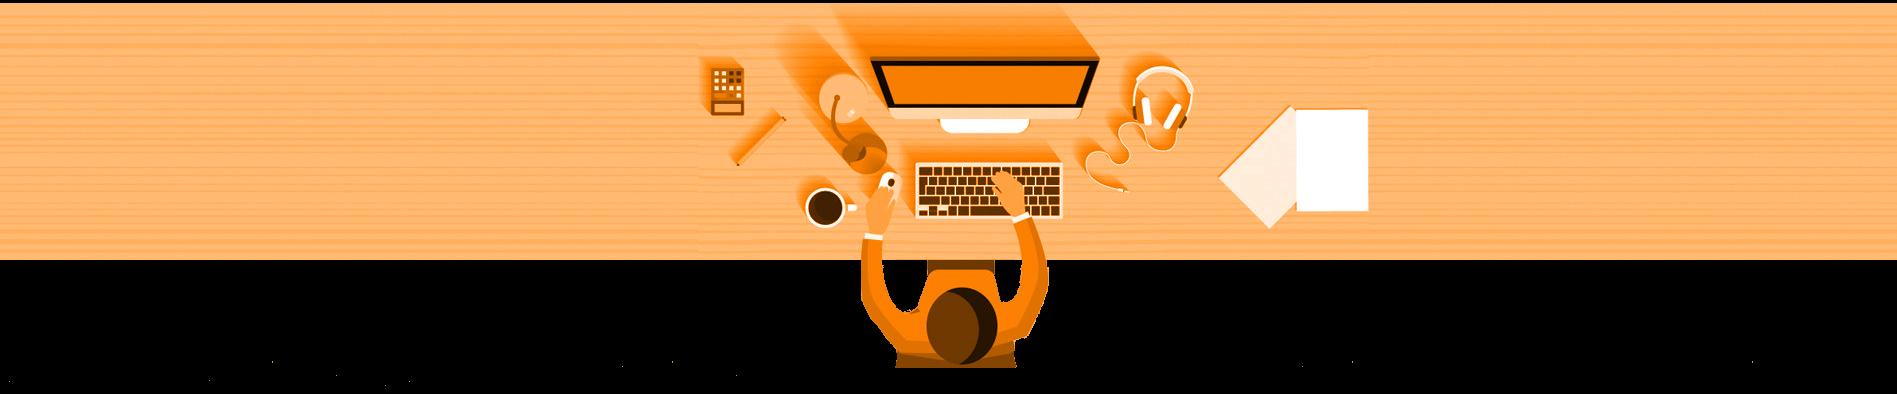 webdesign-footer